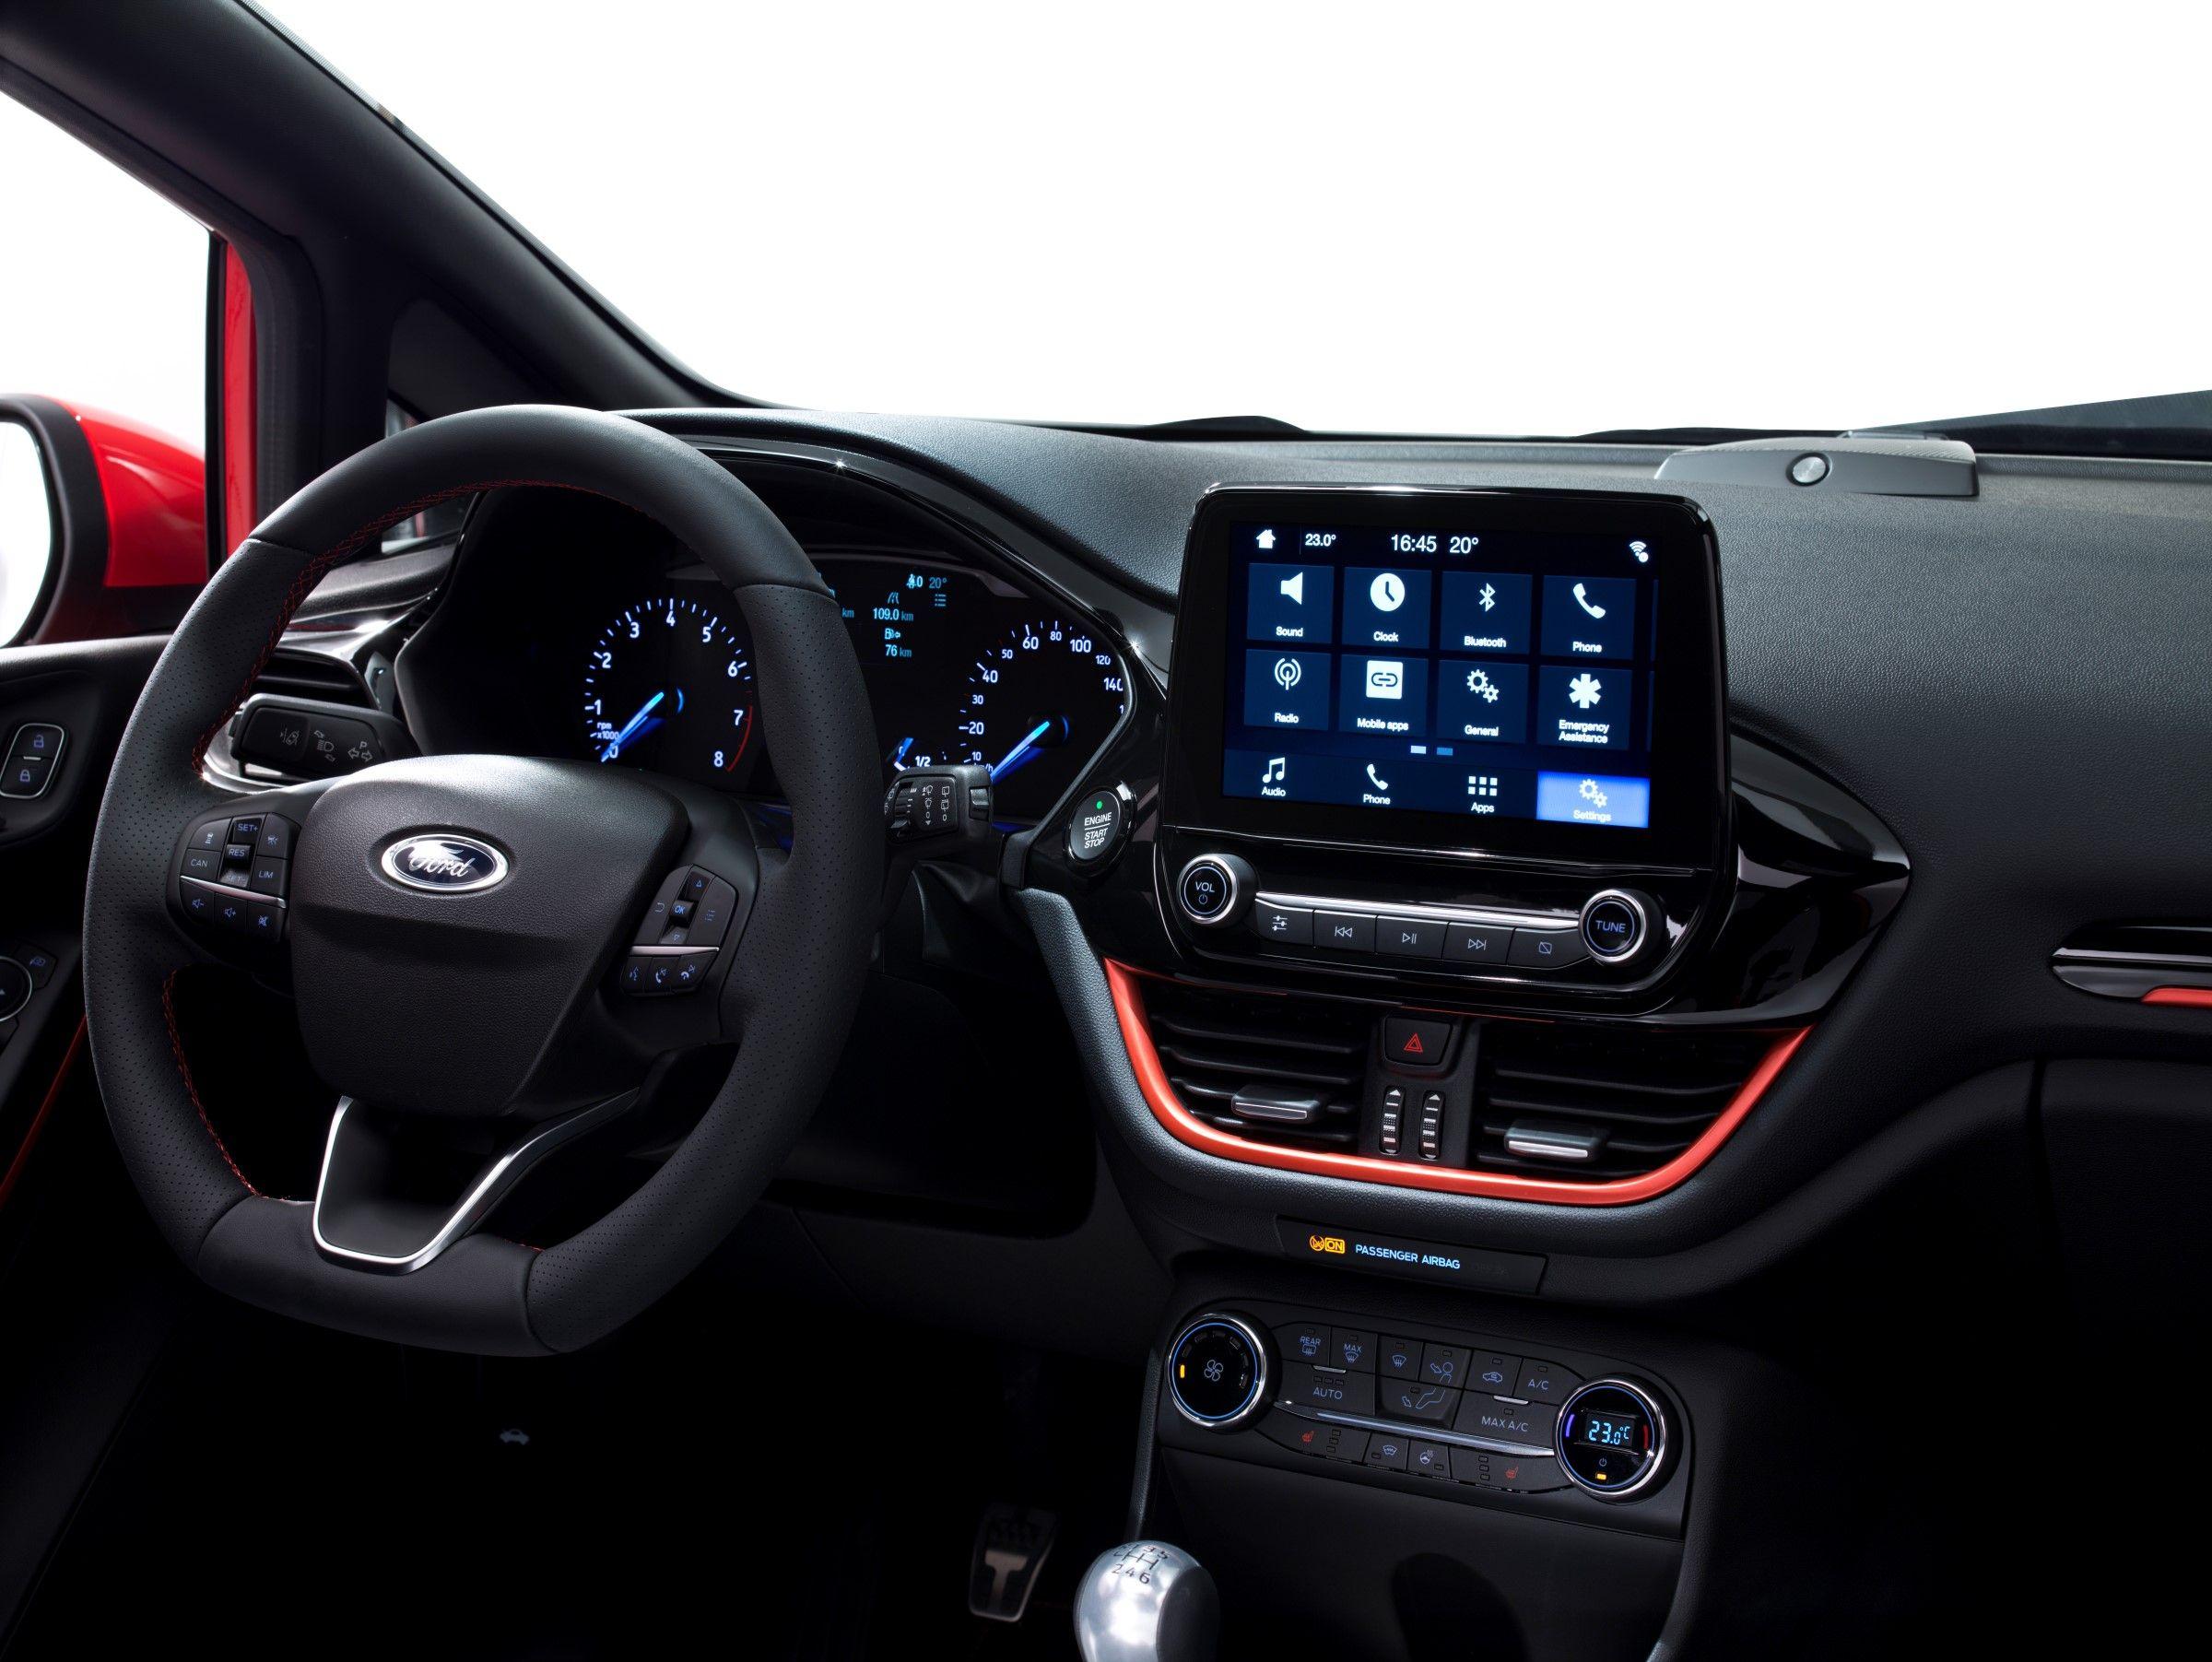 2018 Ford Fiesta Auto Innenraum Autos Ford